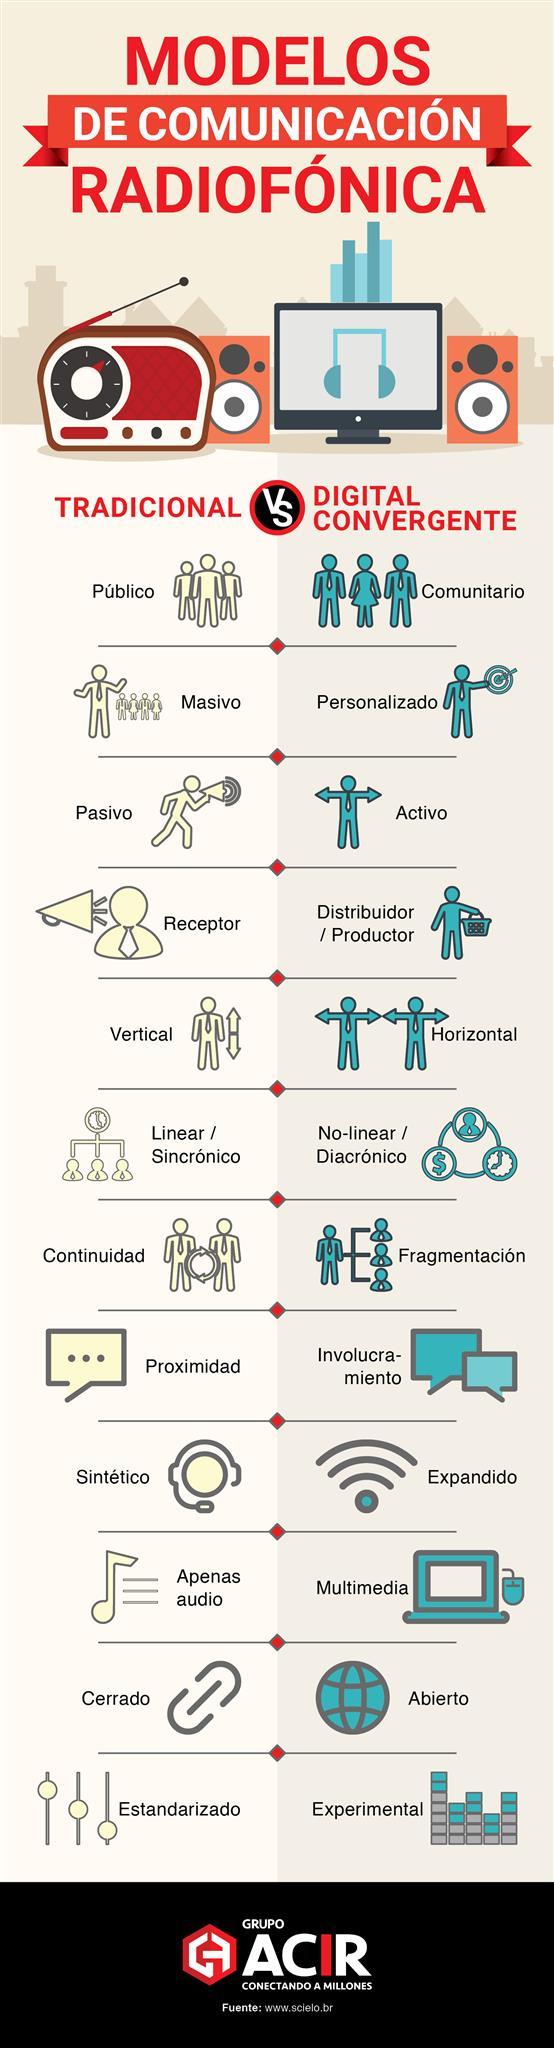 Modelos de comunicación radiofónica